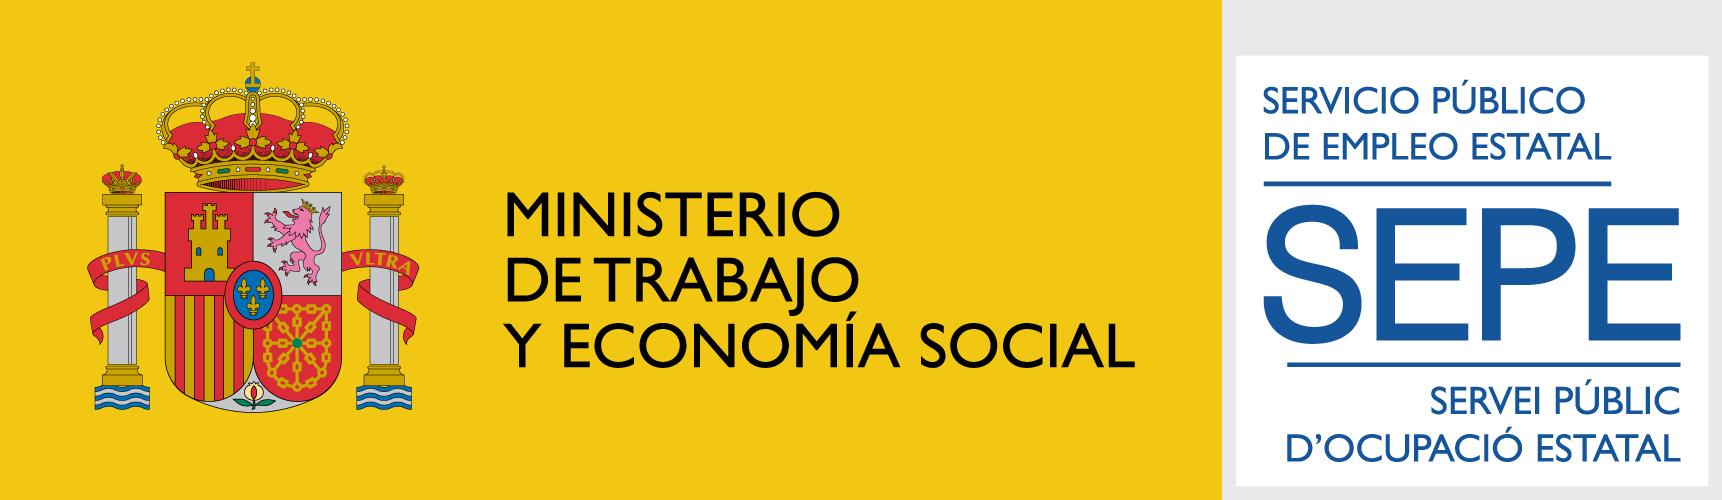 Emblema del Ministerio De Trabajo Y Economía Social, Servicio Público De Empleo Estatal SEPE, Servei Públic D'Ocupació Estatal